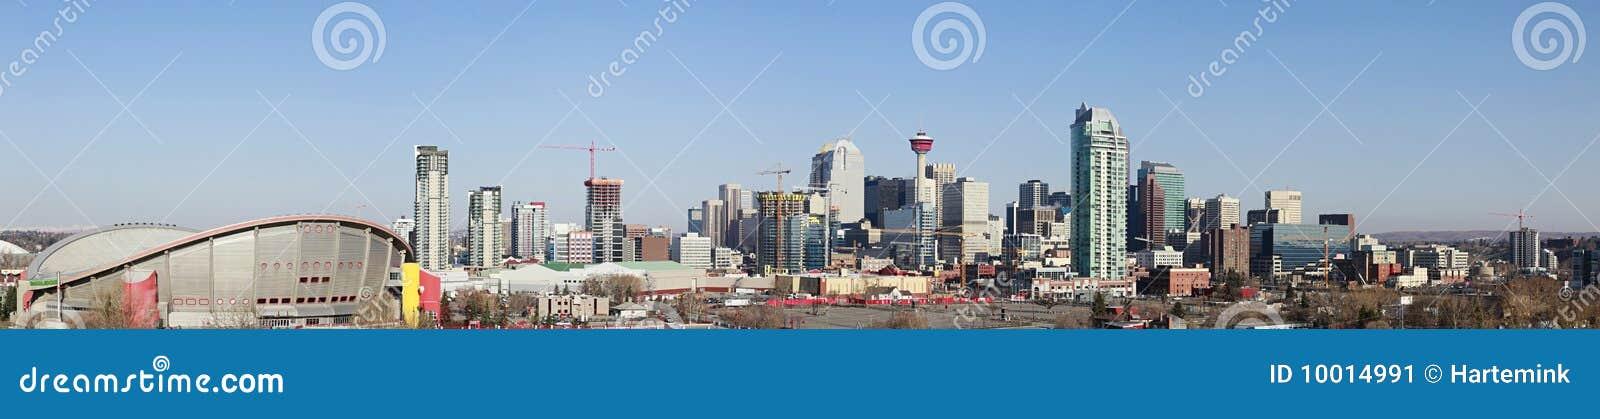 Horizonte de la ciudad, Calgary, Alberta, Canadá